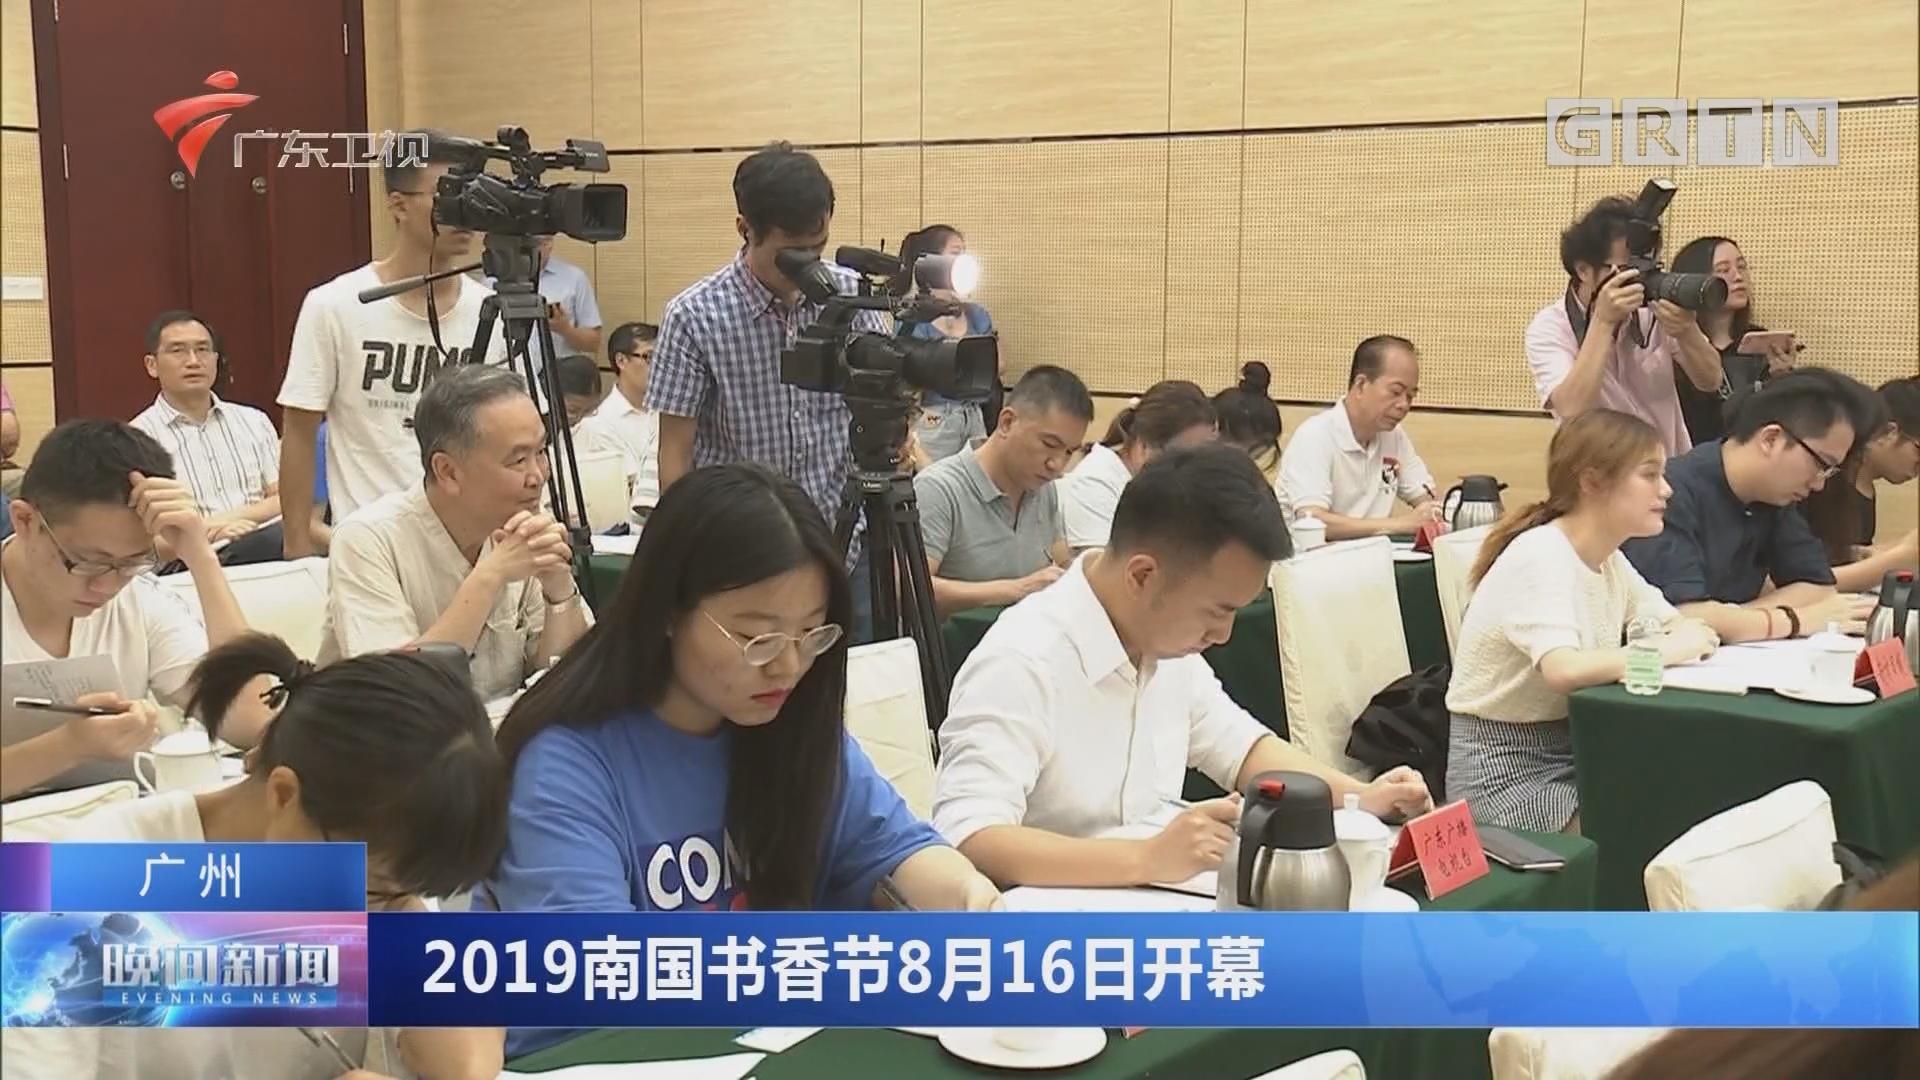 广州:2019南国书香节8月16日开幕